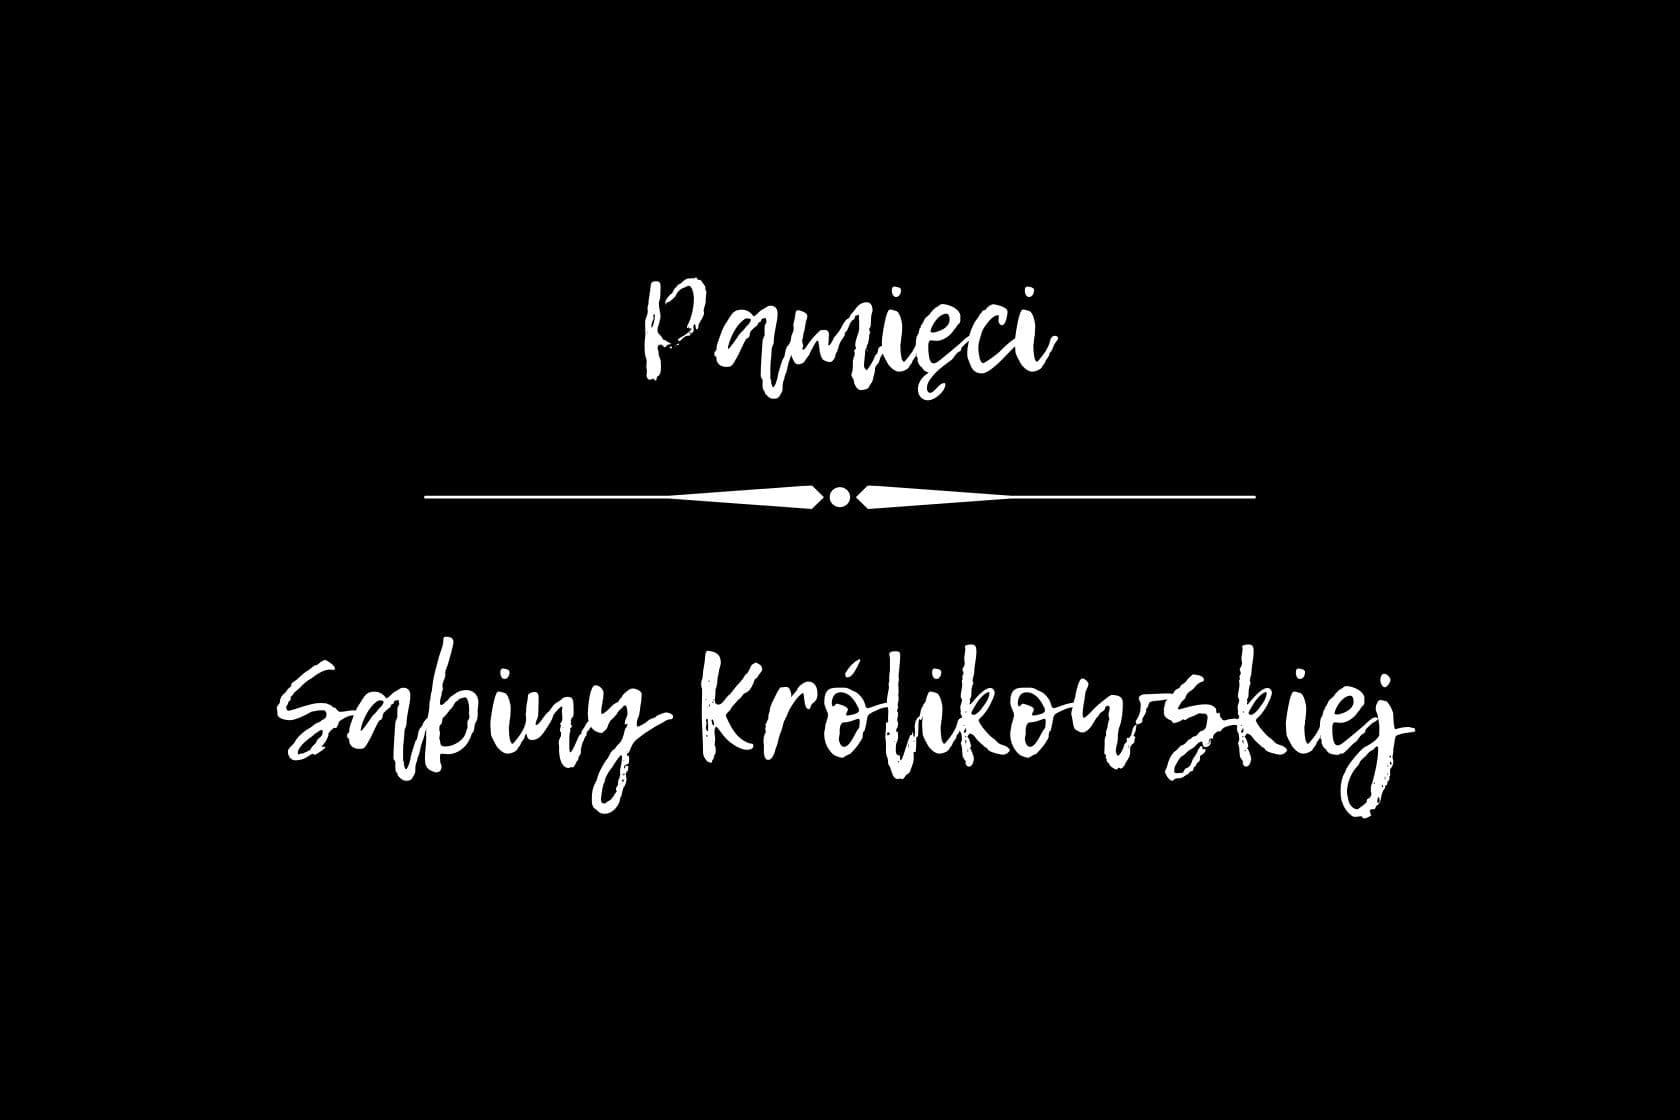 Pożegnanie Sabiny Królikowskiej, Szczawinianki, Szczawin